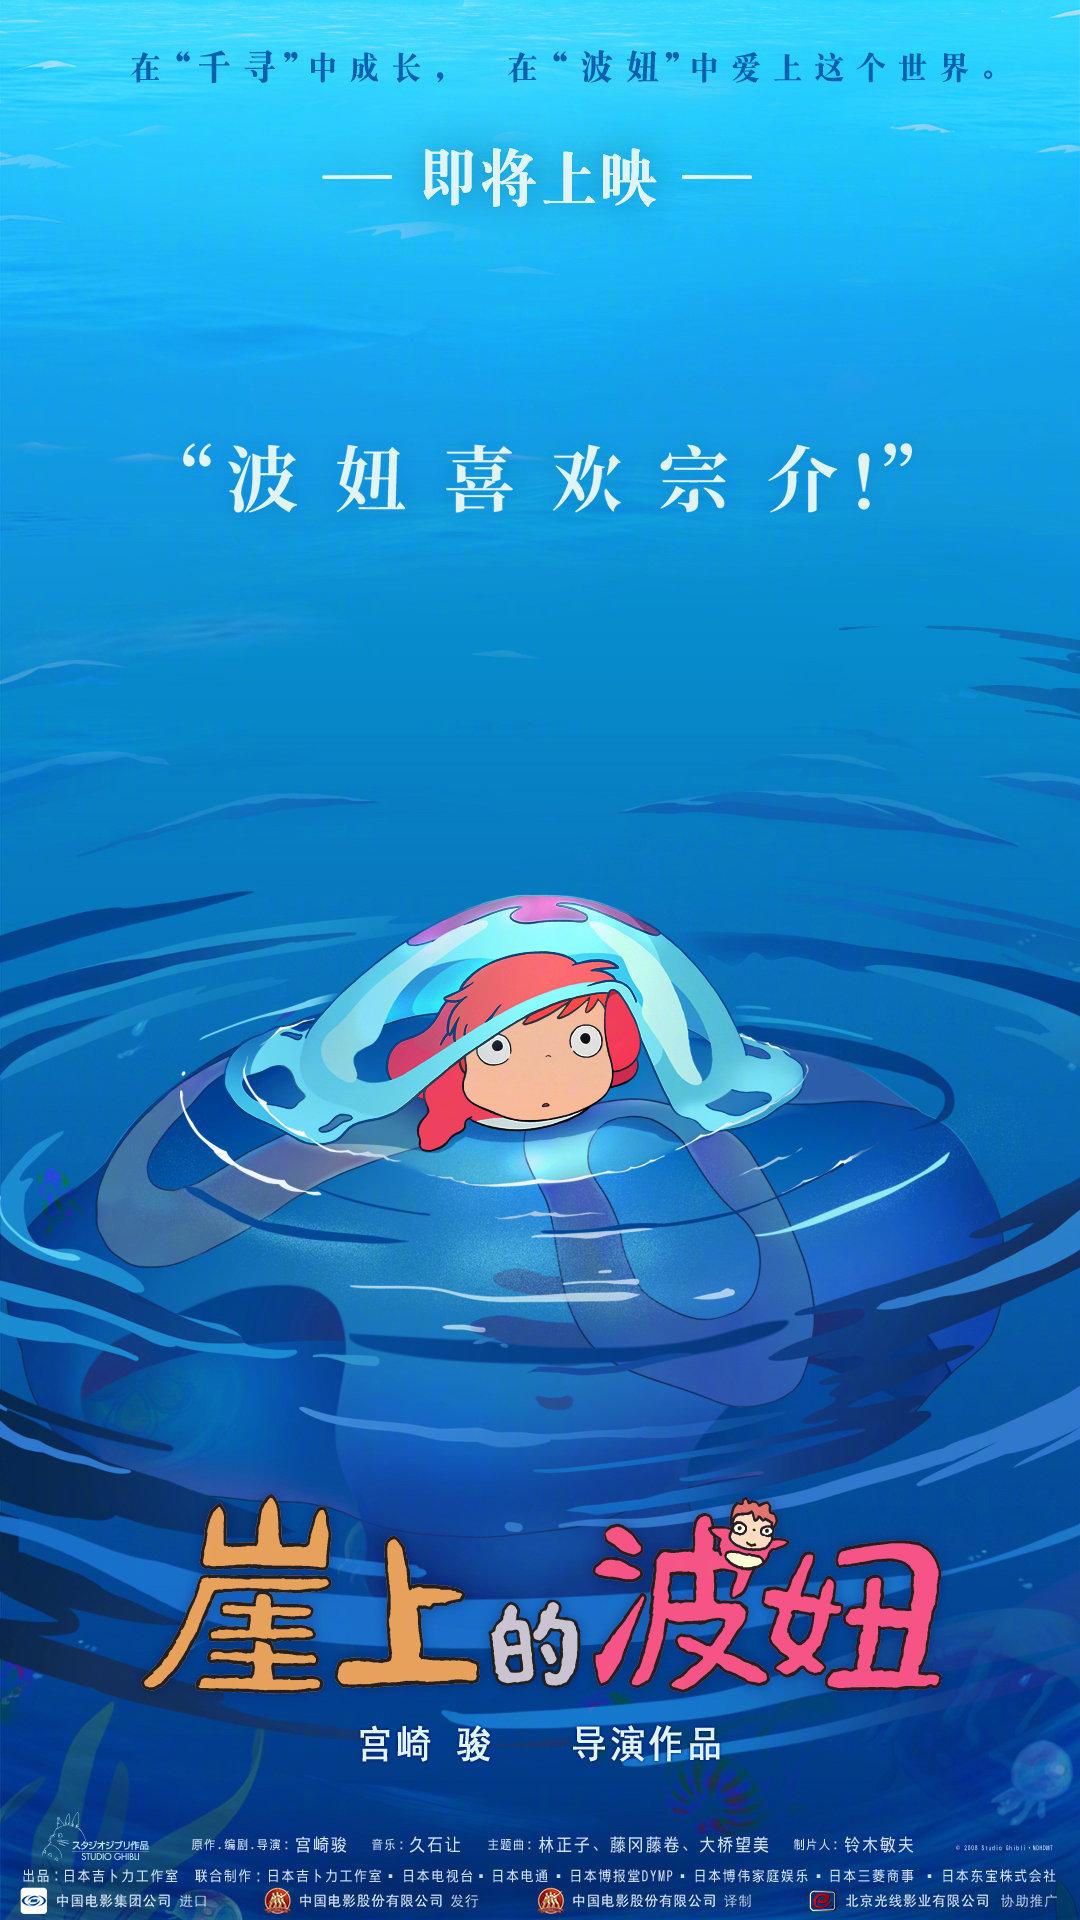 宫崎骏《崖上的波妞》确认引进内地 具体档期待